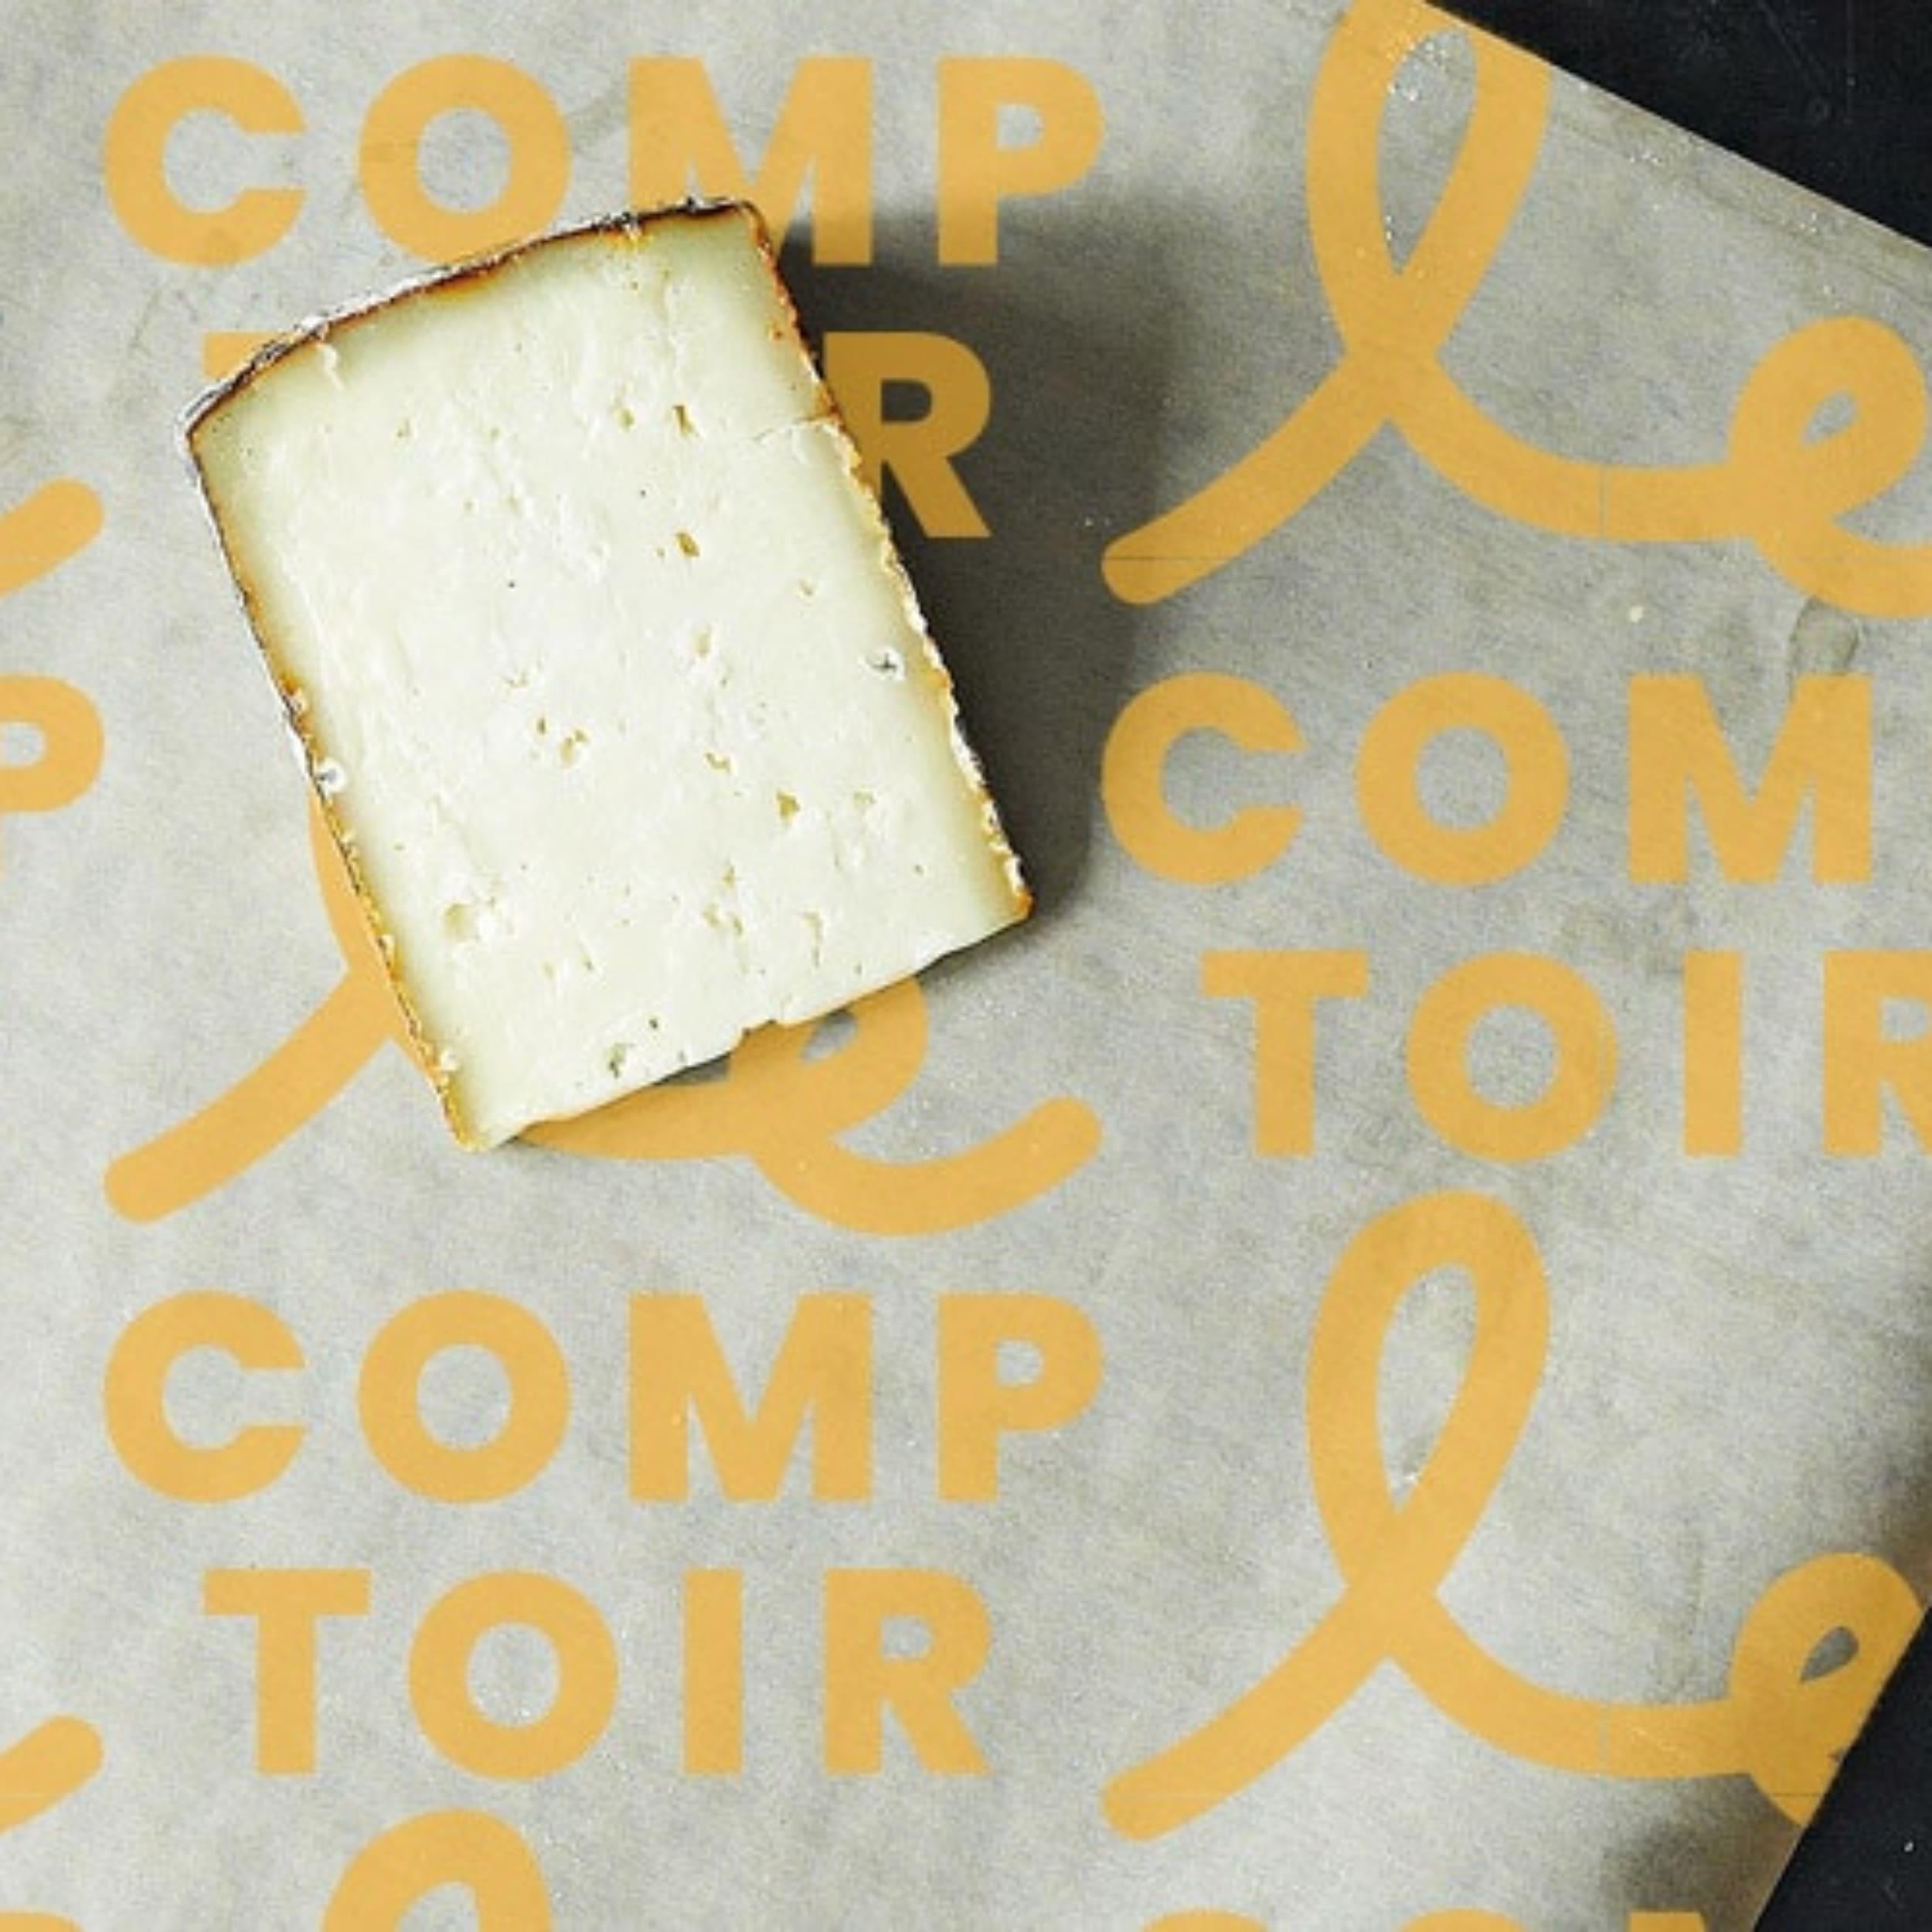 Le Comptoir göteborg design ost vin ostbutik Frankrike